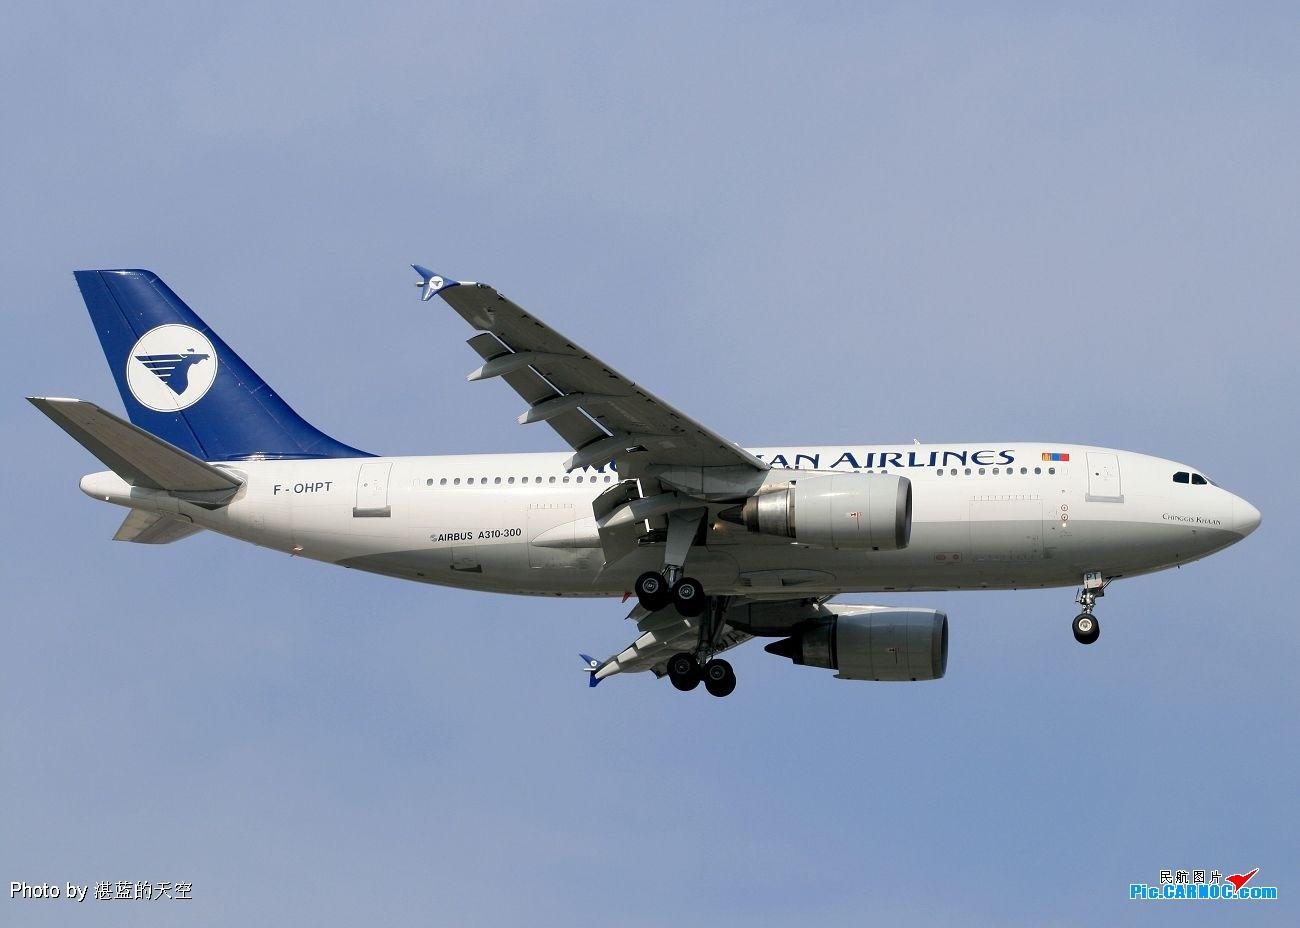 [原创]早上拍蒙航晚上拍巴航,都是A310。。。。 AIRBUS A310-300 F-OHPT 中国北京首都机场